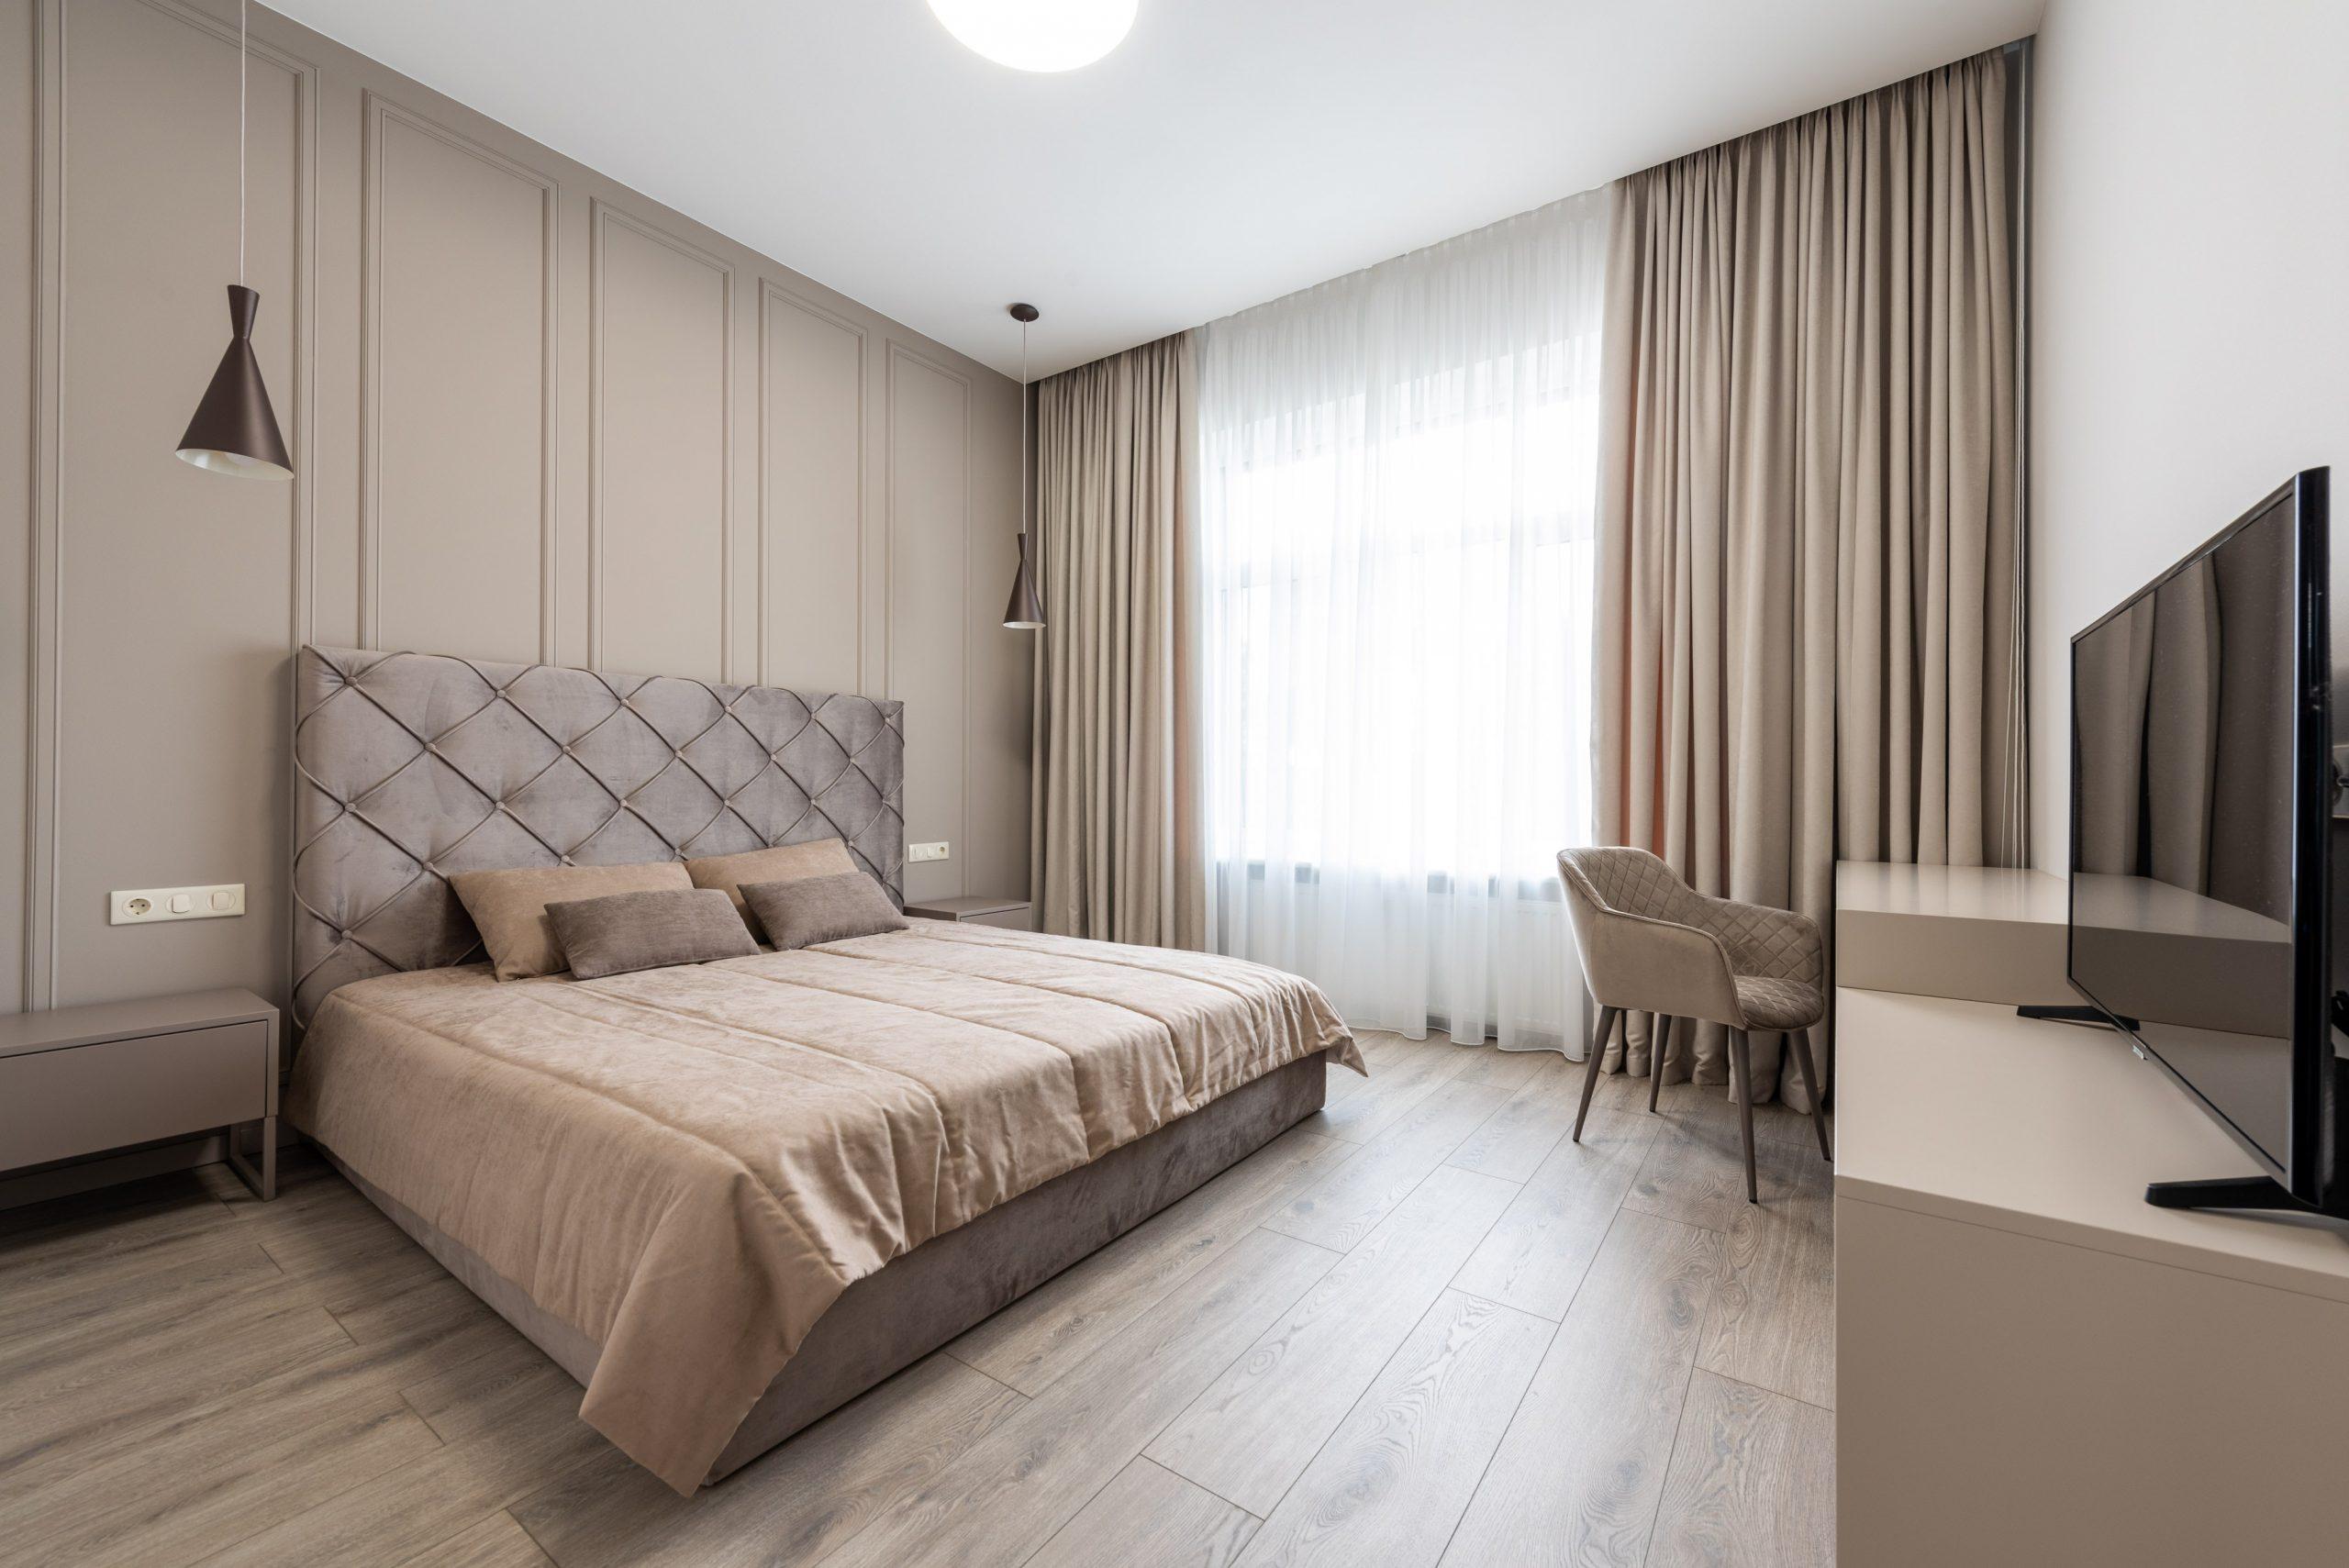 residential interior designers dubai